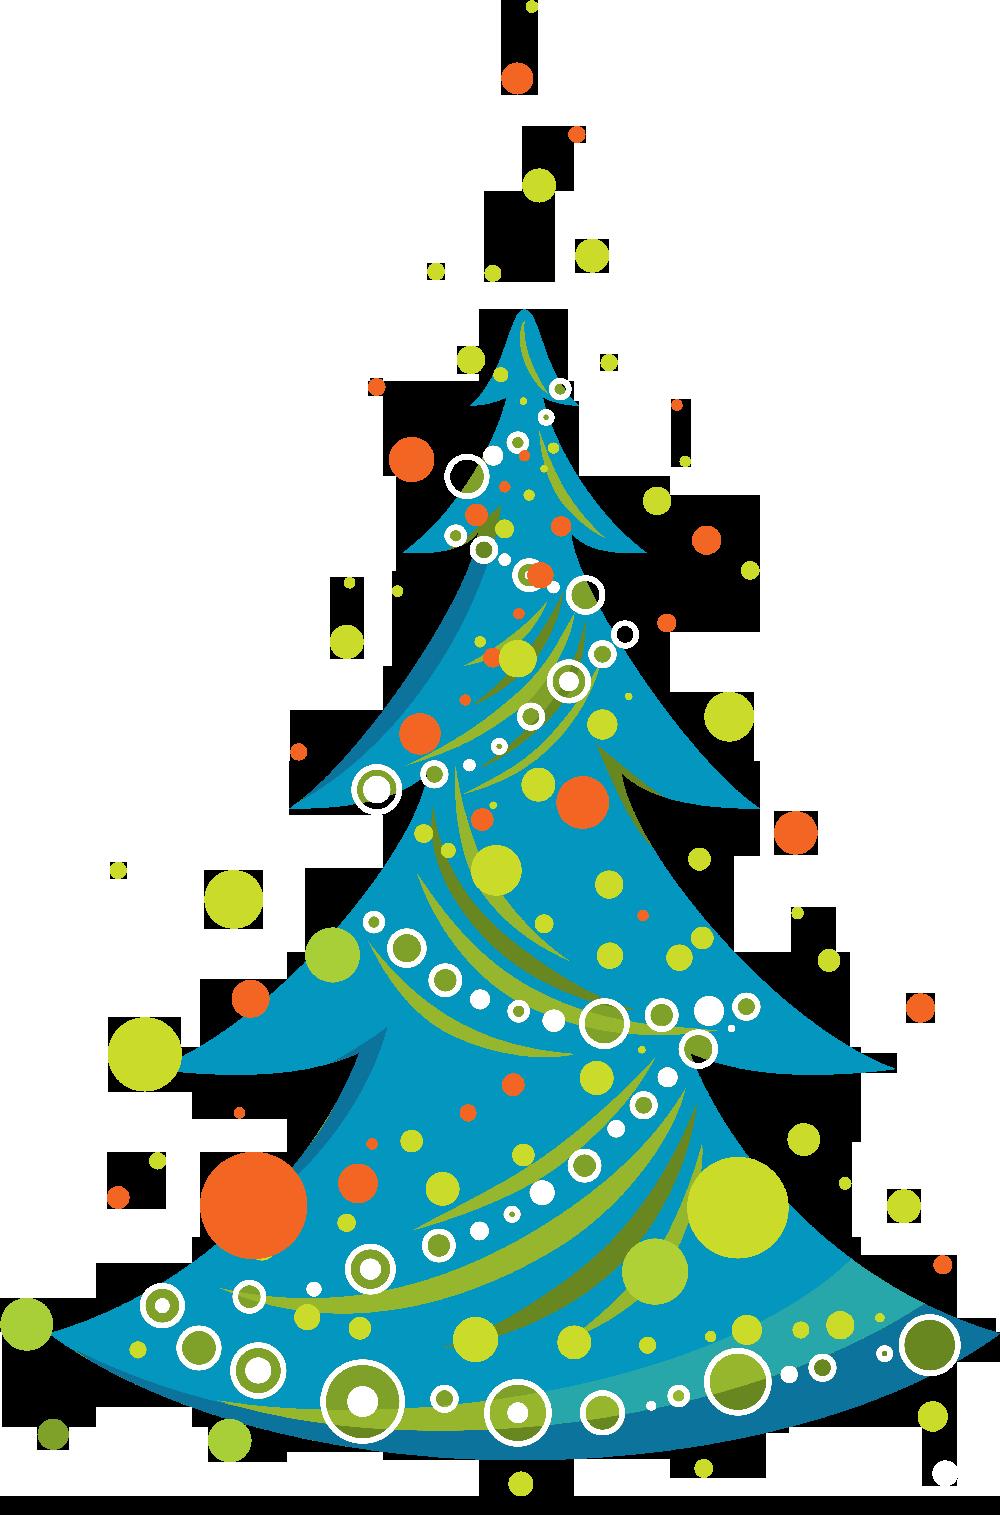 Rboles de navidad en color azul - Arbol de navidad diseno ...